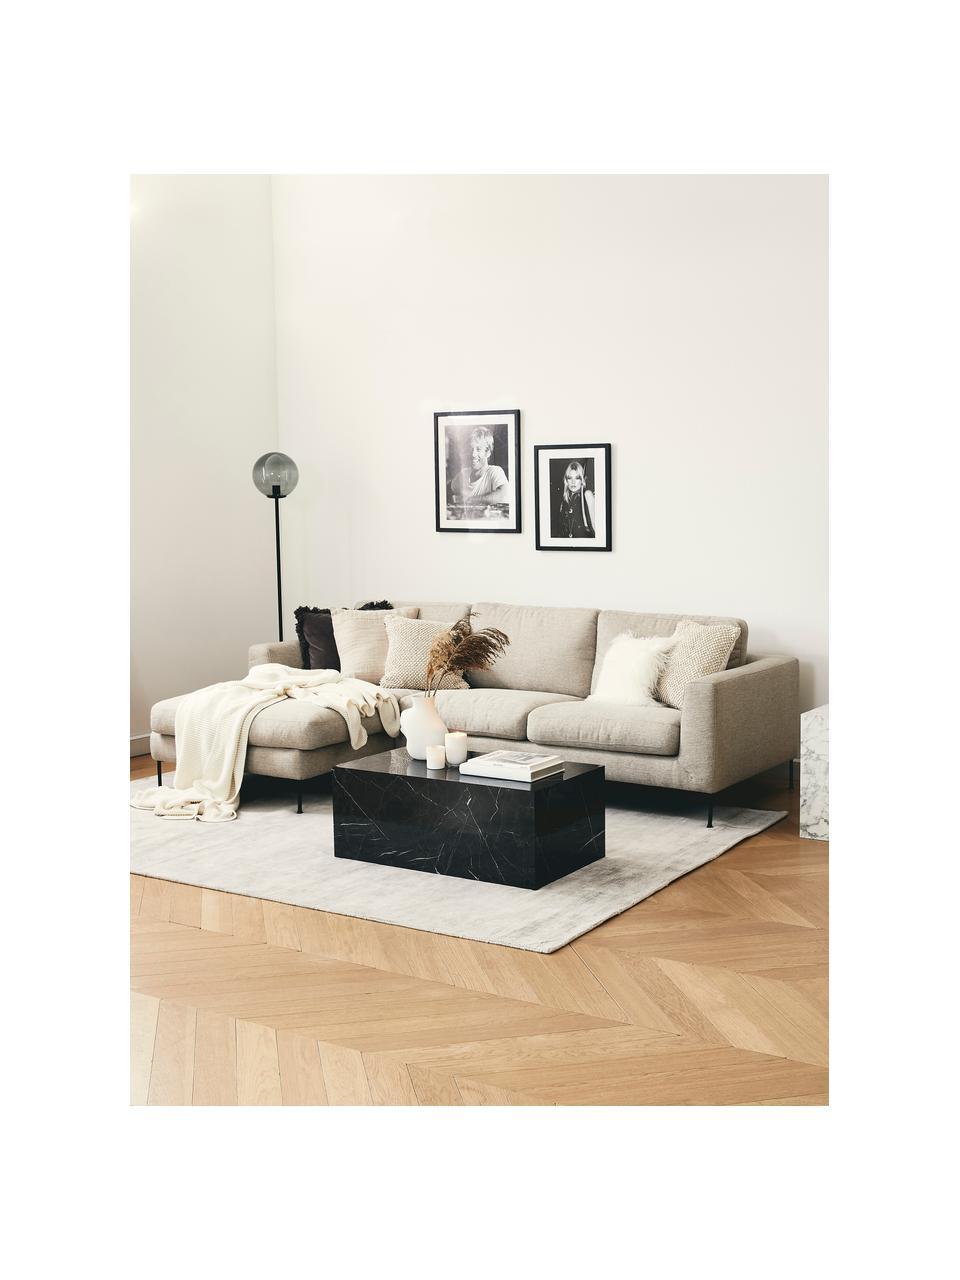 Hoekbank Cucita (4-zits) in beige met metalen poten, Bekleding: geweven stof (polyester), Frame: massief grenenhout, Poten: gelakt metaal, Geweven stof beige, B 302 x D 163 cm